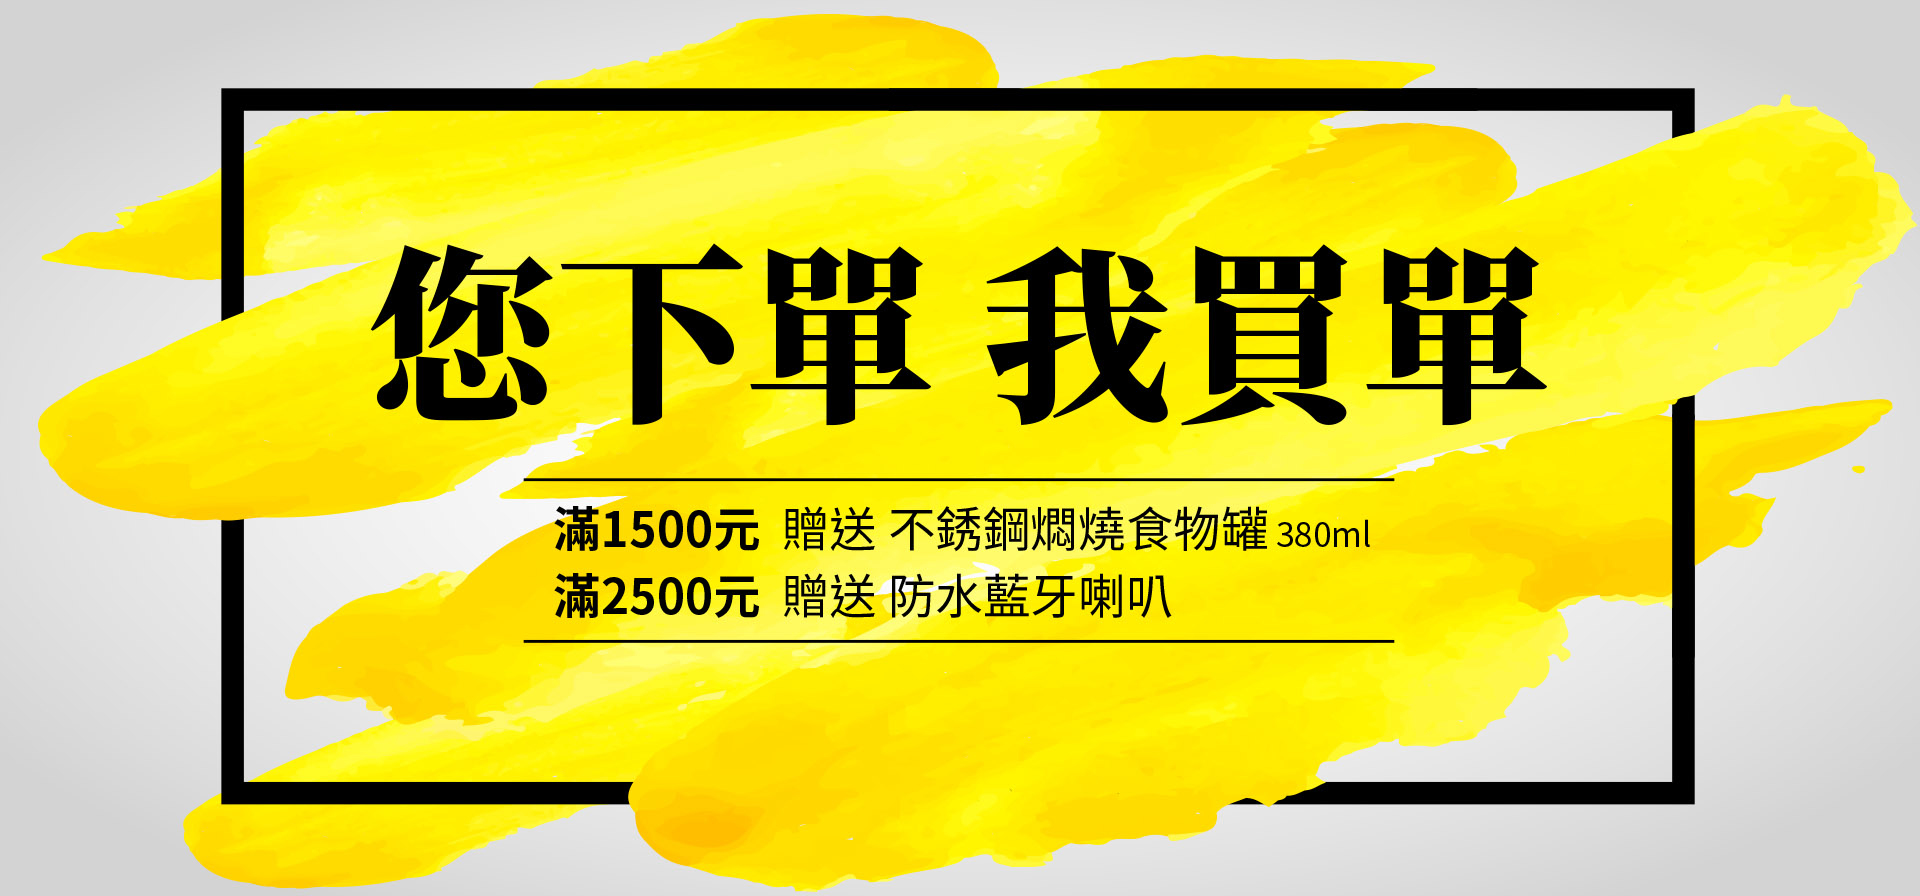 您下單我買單|台灣手作咖啡領導品牌|SuperBuyCoffee